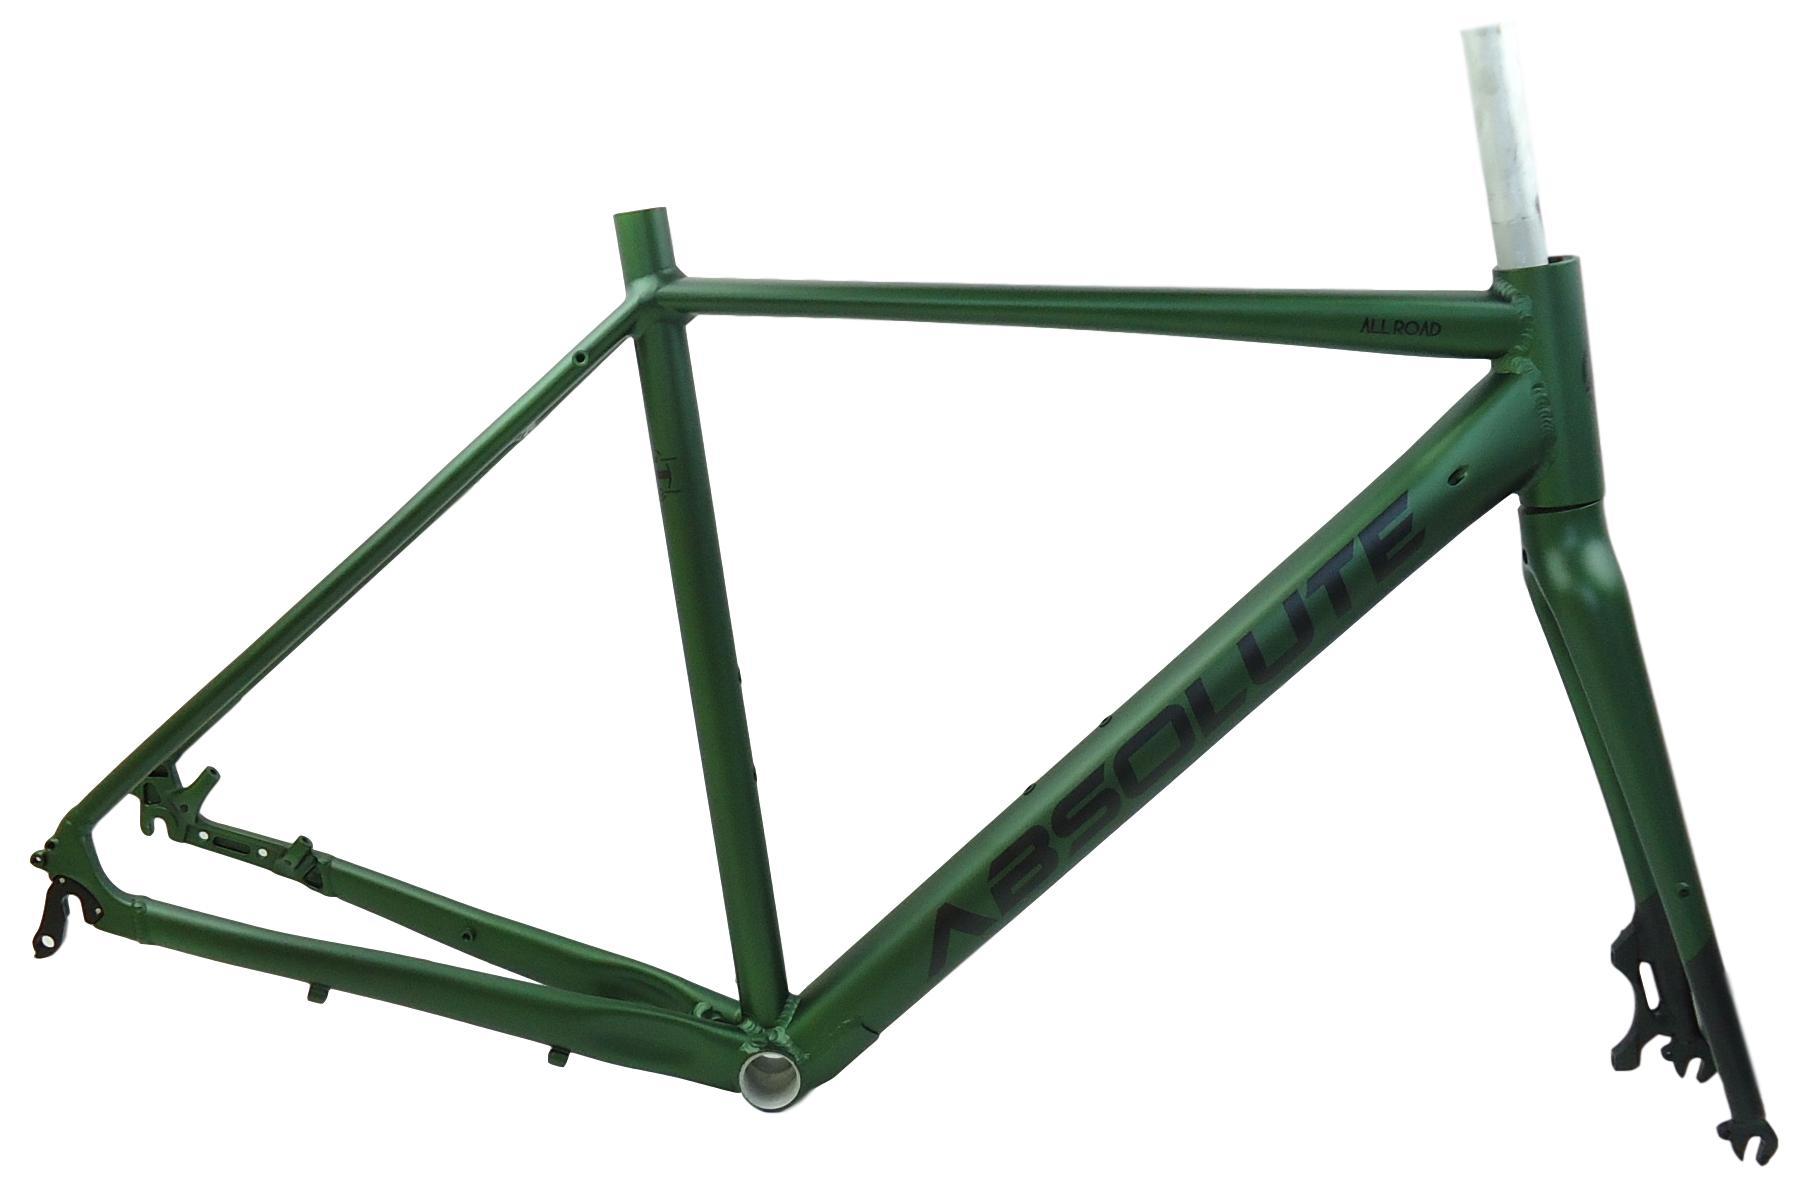 Quadro Bicicleta Speed Absolute All Road Gravel em Alumínio com Garfo Aro 700